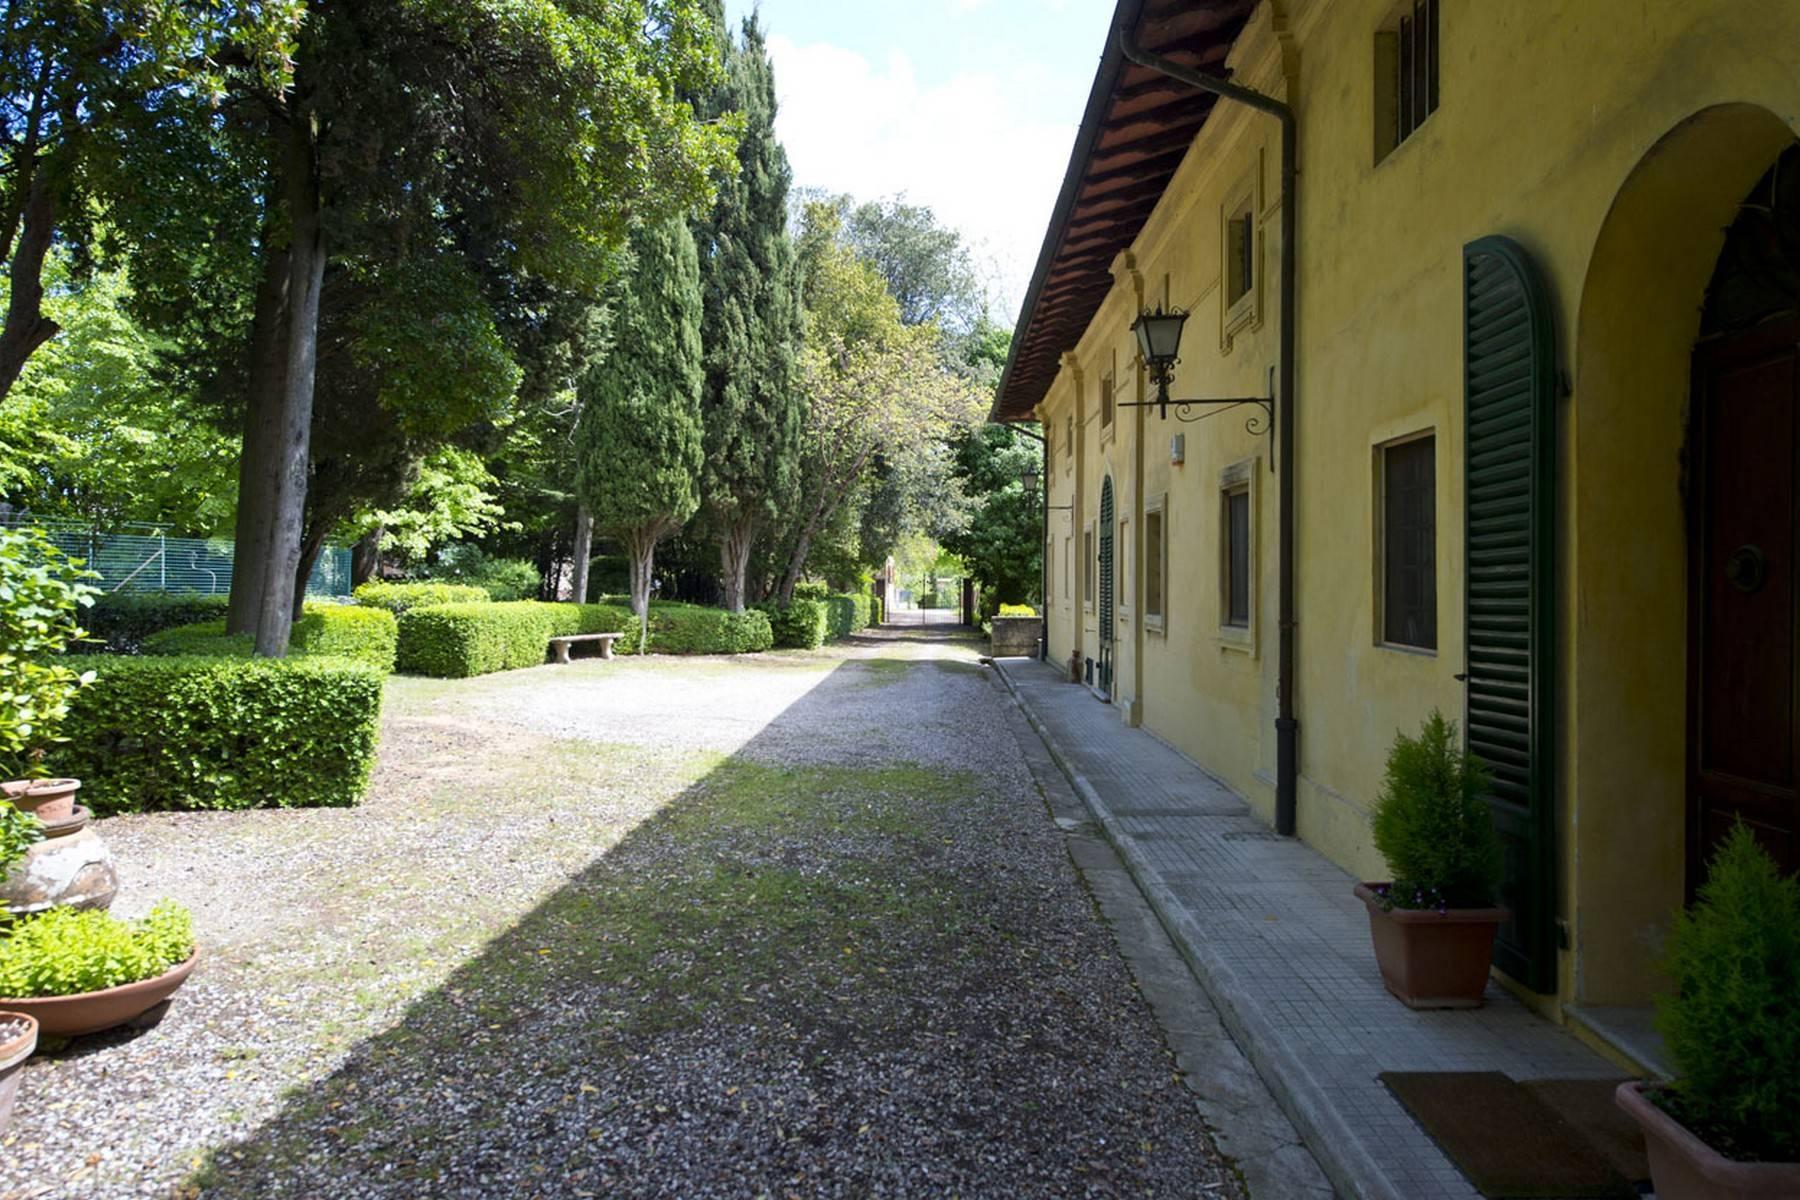 Villa aristocratique à vendre sur les collines de Sienne - 24